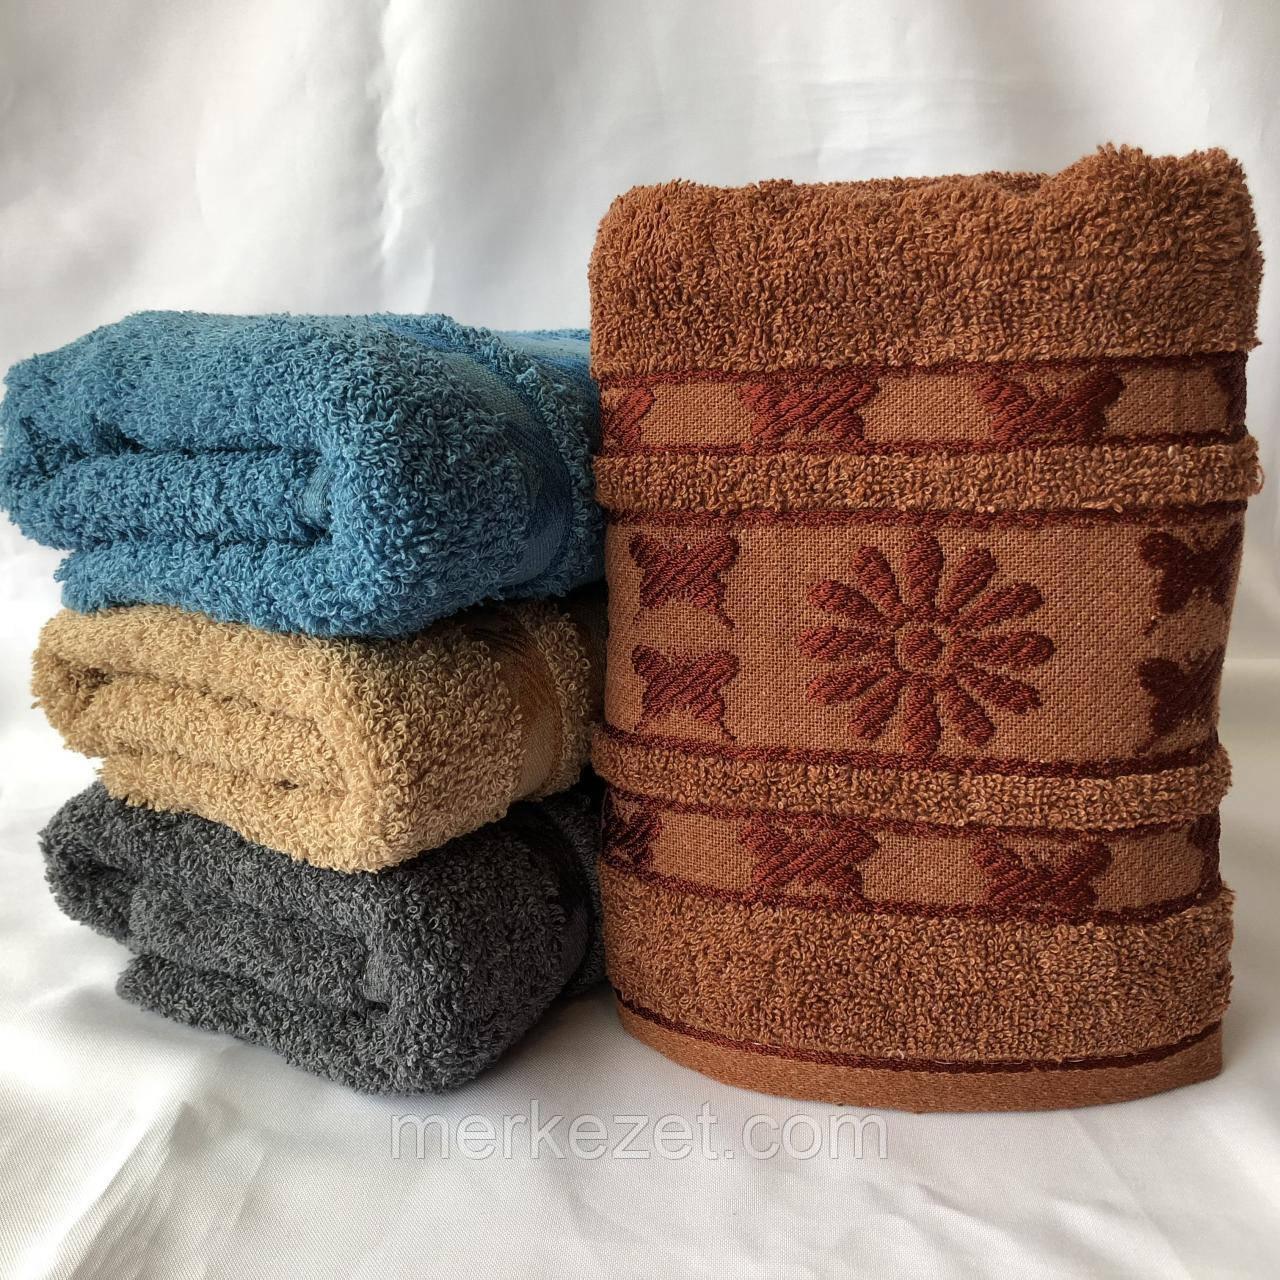 """Махровое полотенце """"Слам"""" для рук и лица. Полотенце. Махровое полотенце"""